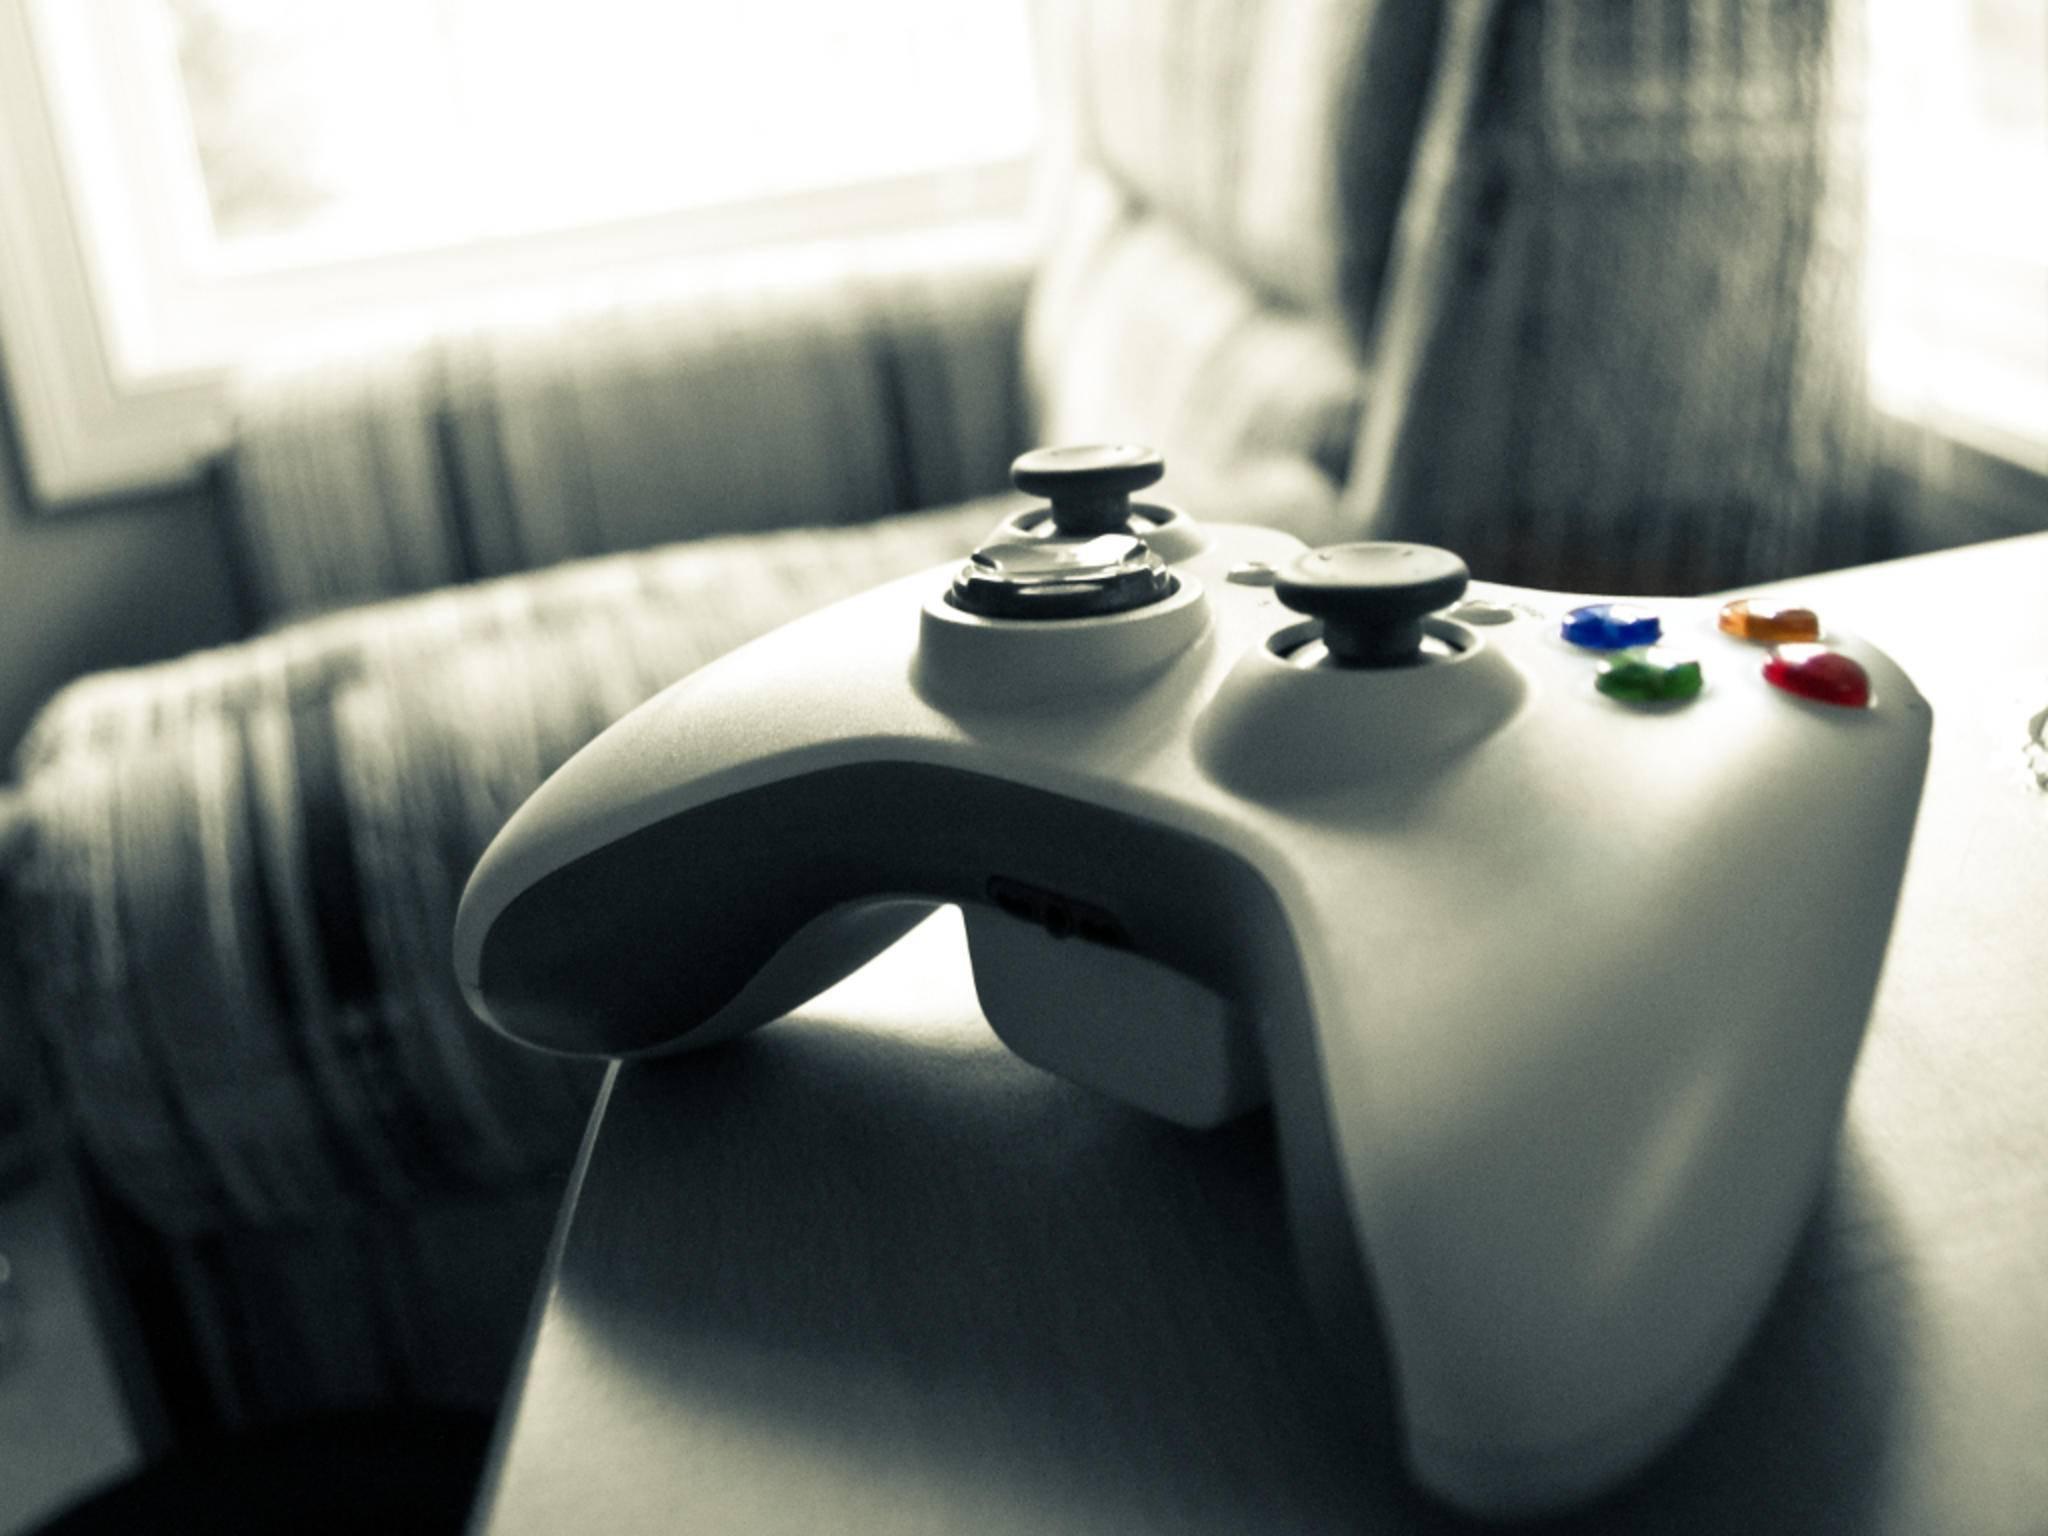 Die Xbox 360 wird mehr und mehr zur Medienzentrale.